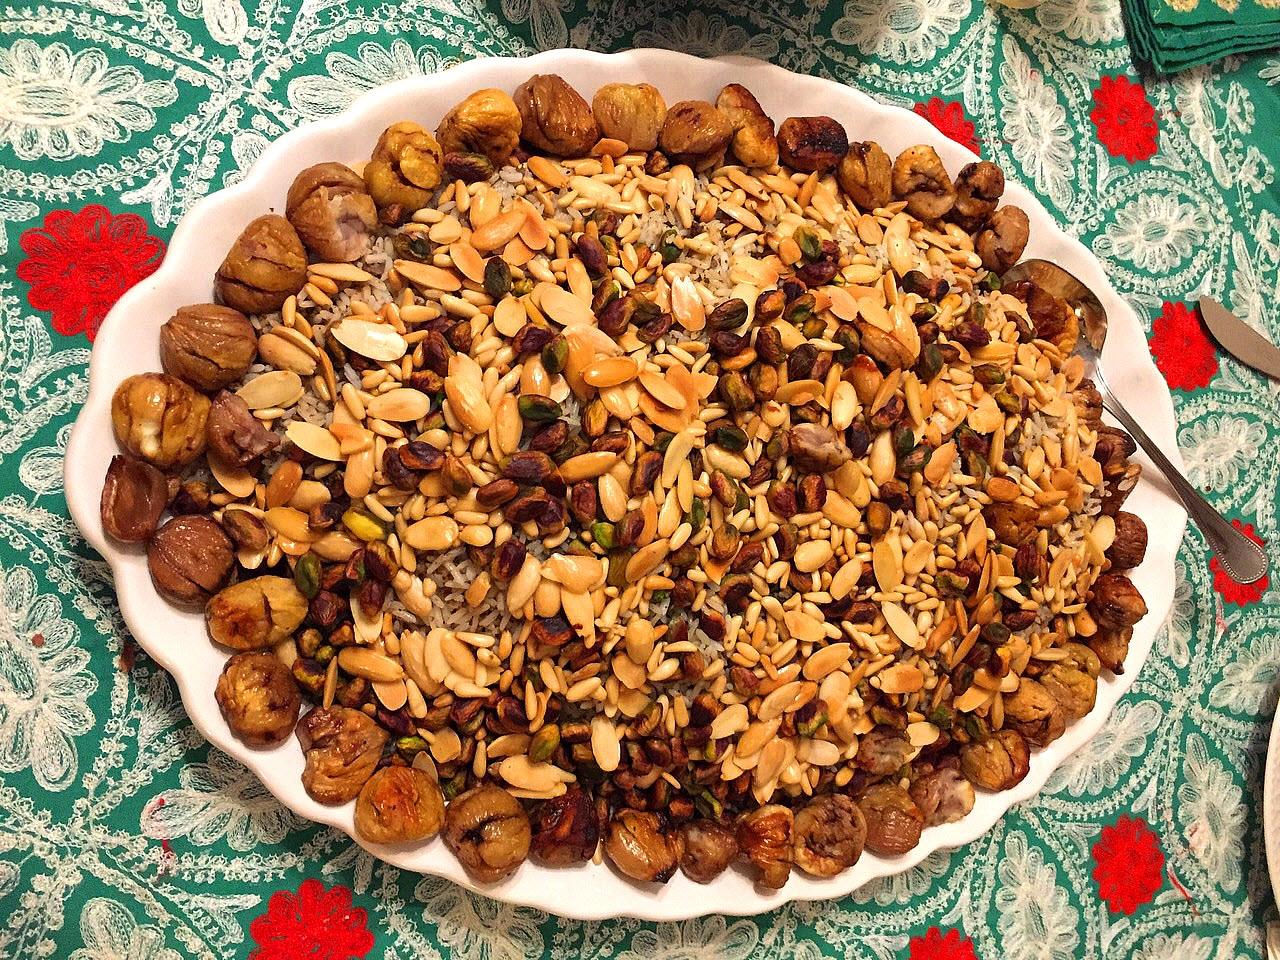 lebanese chestnut roasted turkey and nuts - Lebanese Kitchen